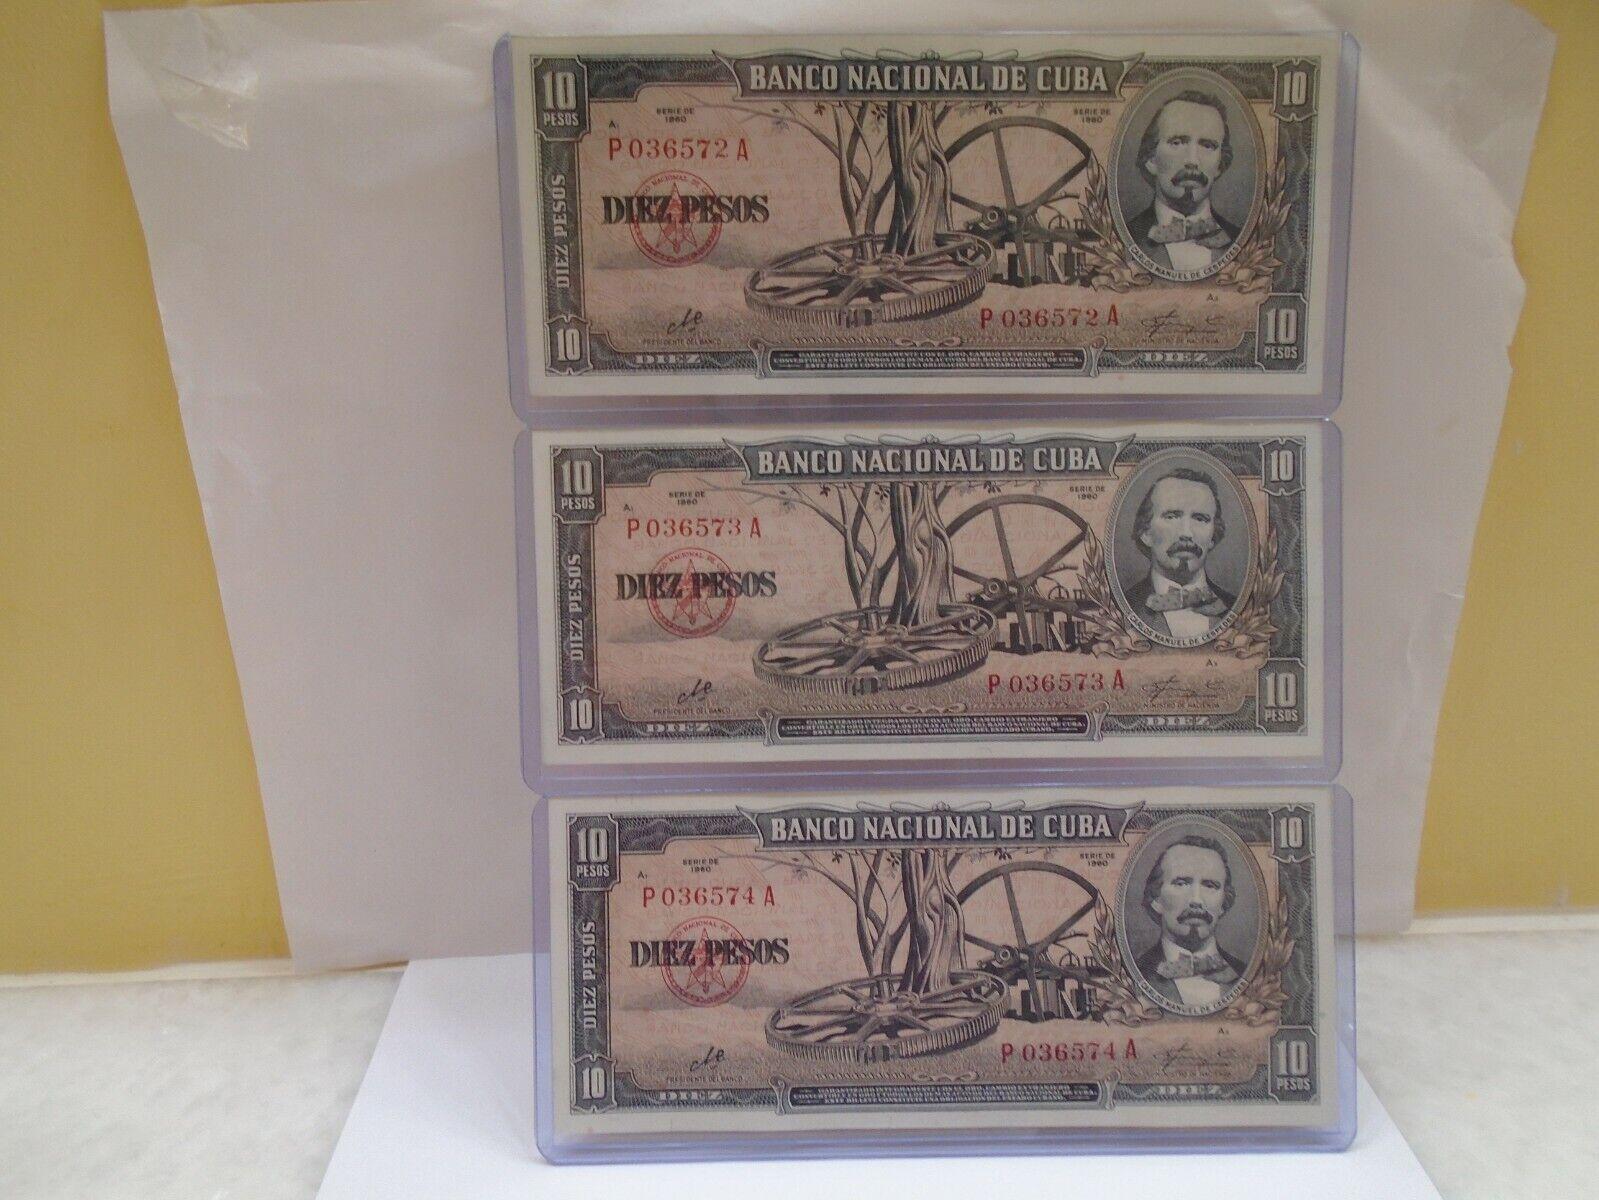 Banco Nacional, 3 10 Banknotes 1960, CONSECUTIVE, UNC, Crisp, Mint. - $24.99